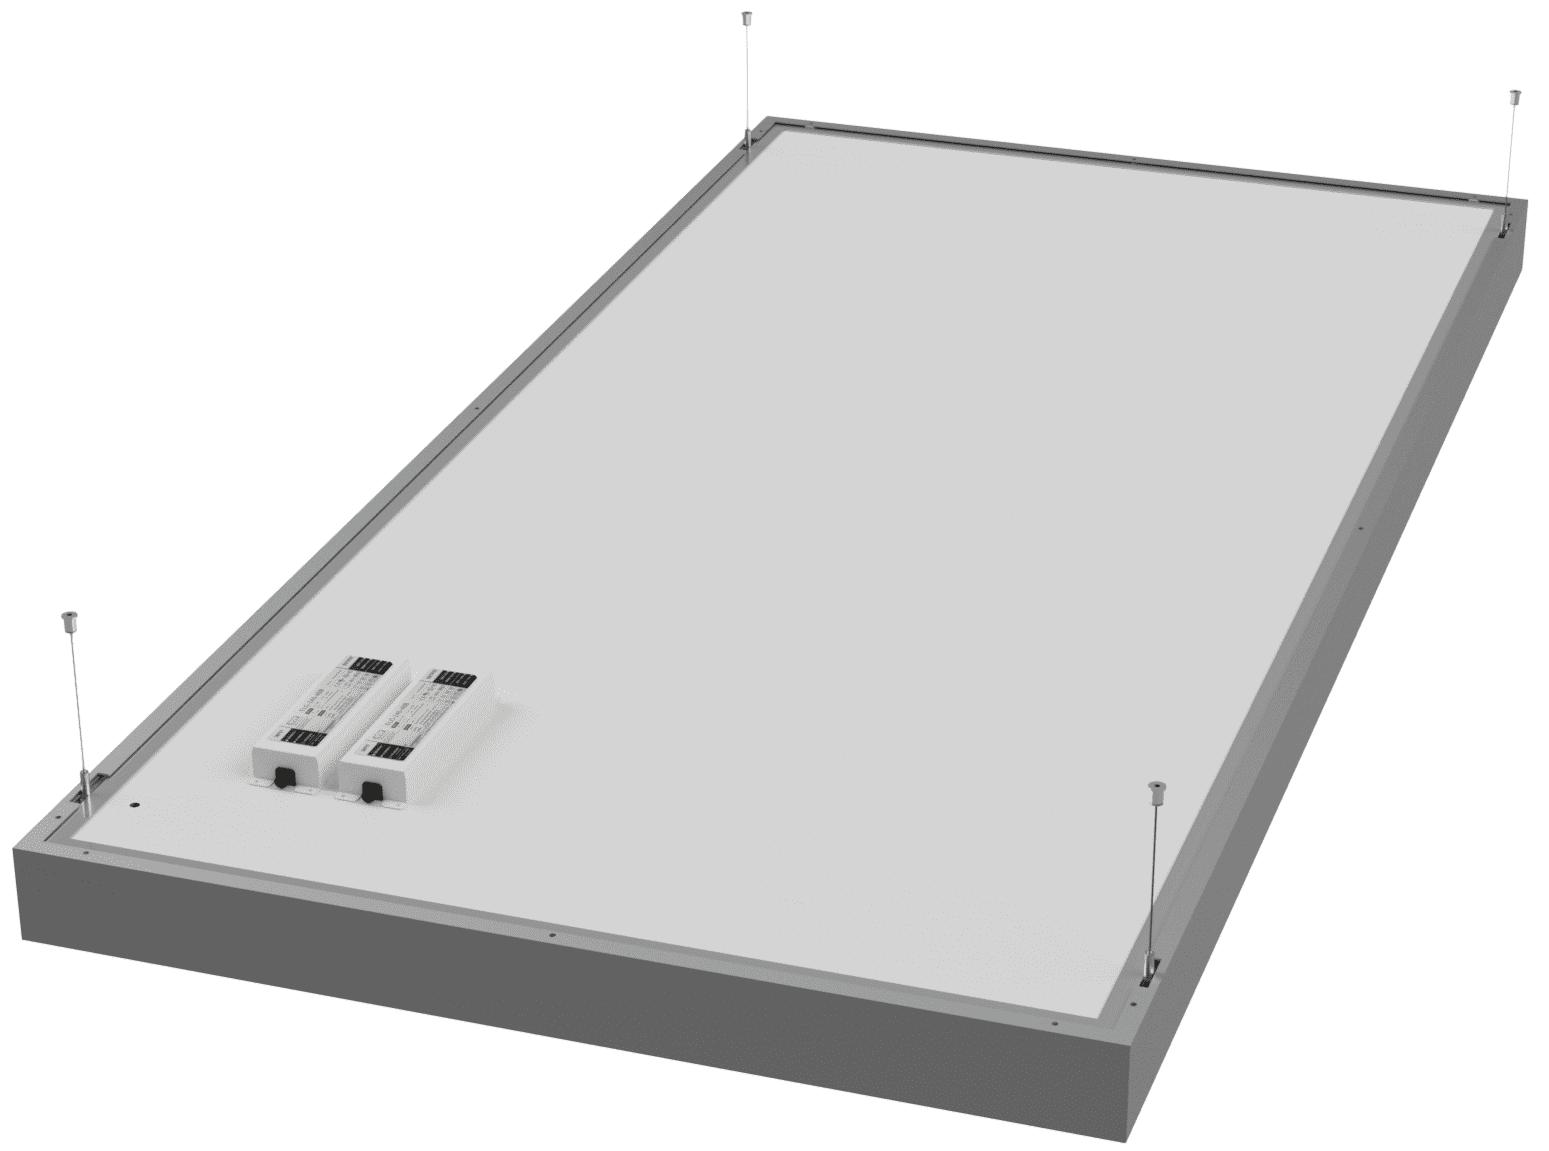 Einzelfeld Akustikleuchte2 - Akustikleuchte